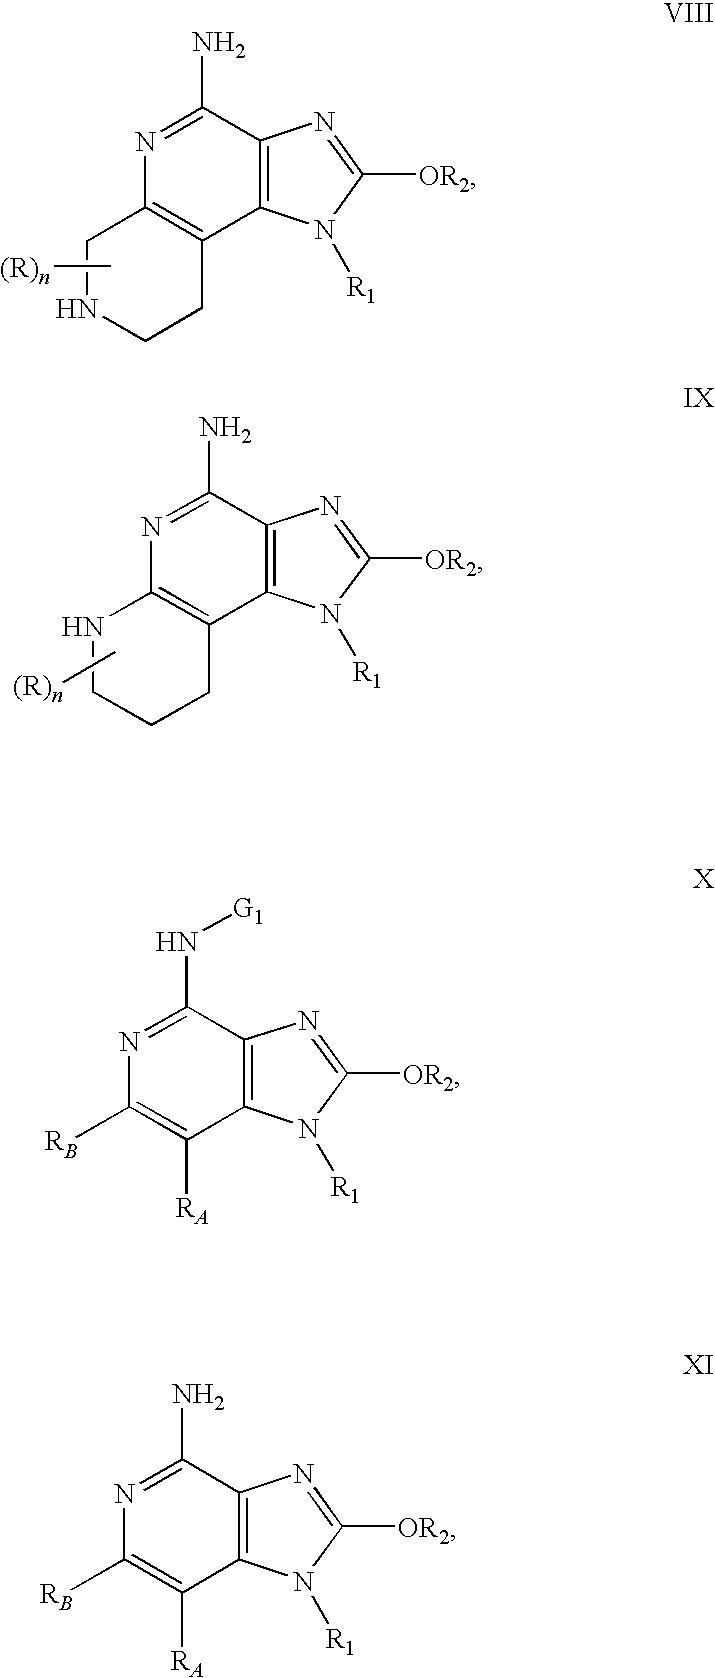 Figure US20090298821A1-20091203-C00005